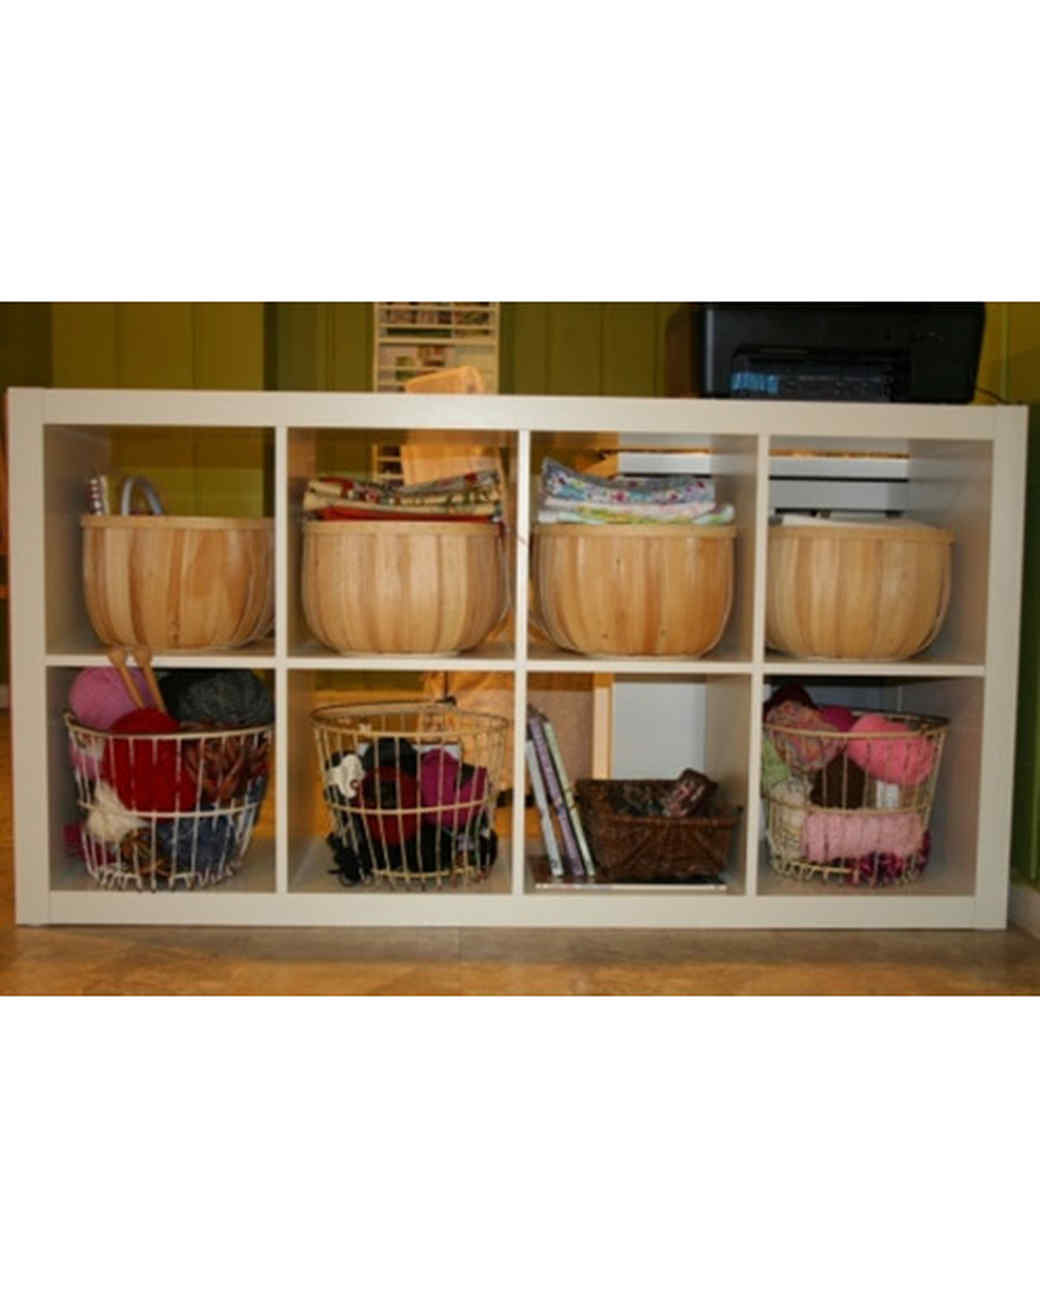 ugc_craftroom_7647241_19537139.jpg